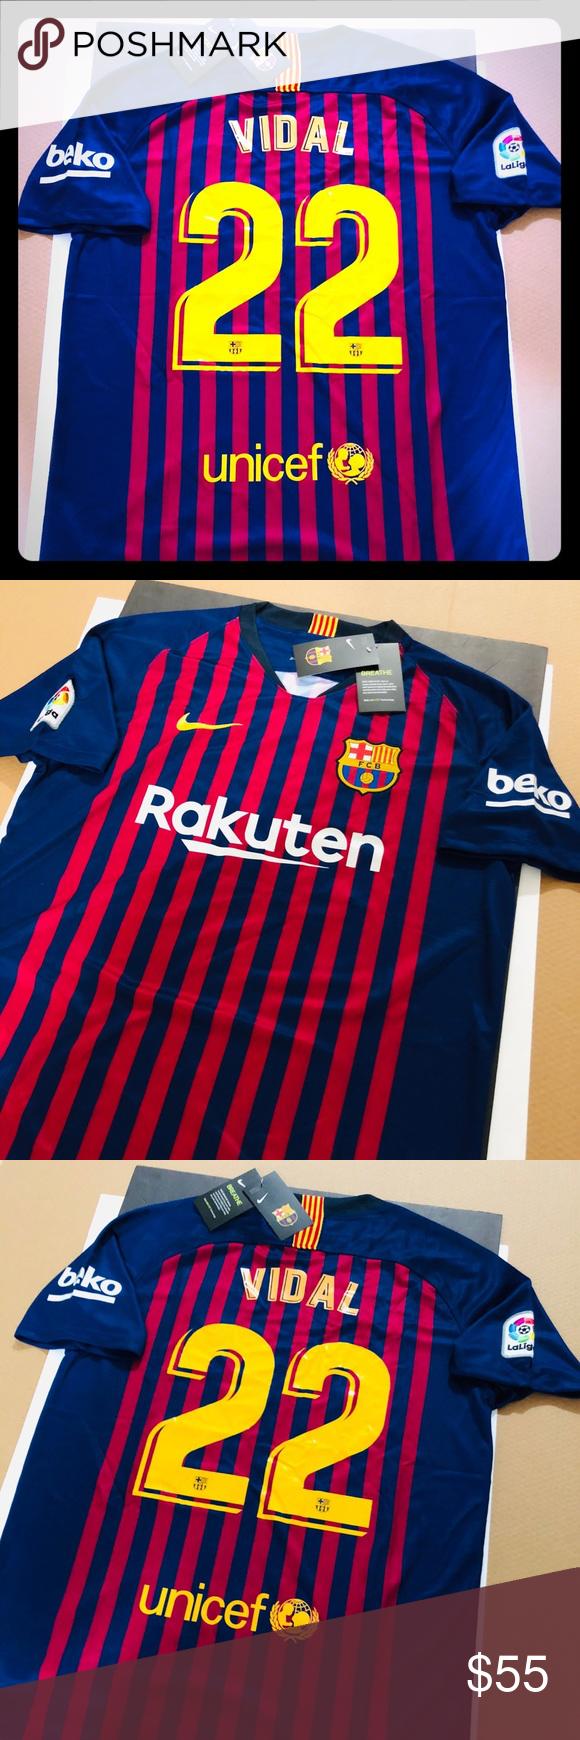 finest selection ccbf0 7a08f HOME 2018 Barcelona Soccer Jersey VIDAL #22 2018 Barcelona ...